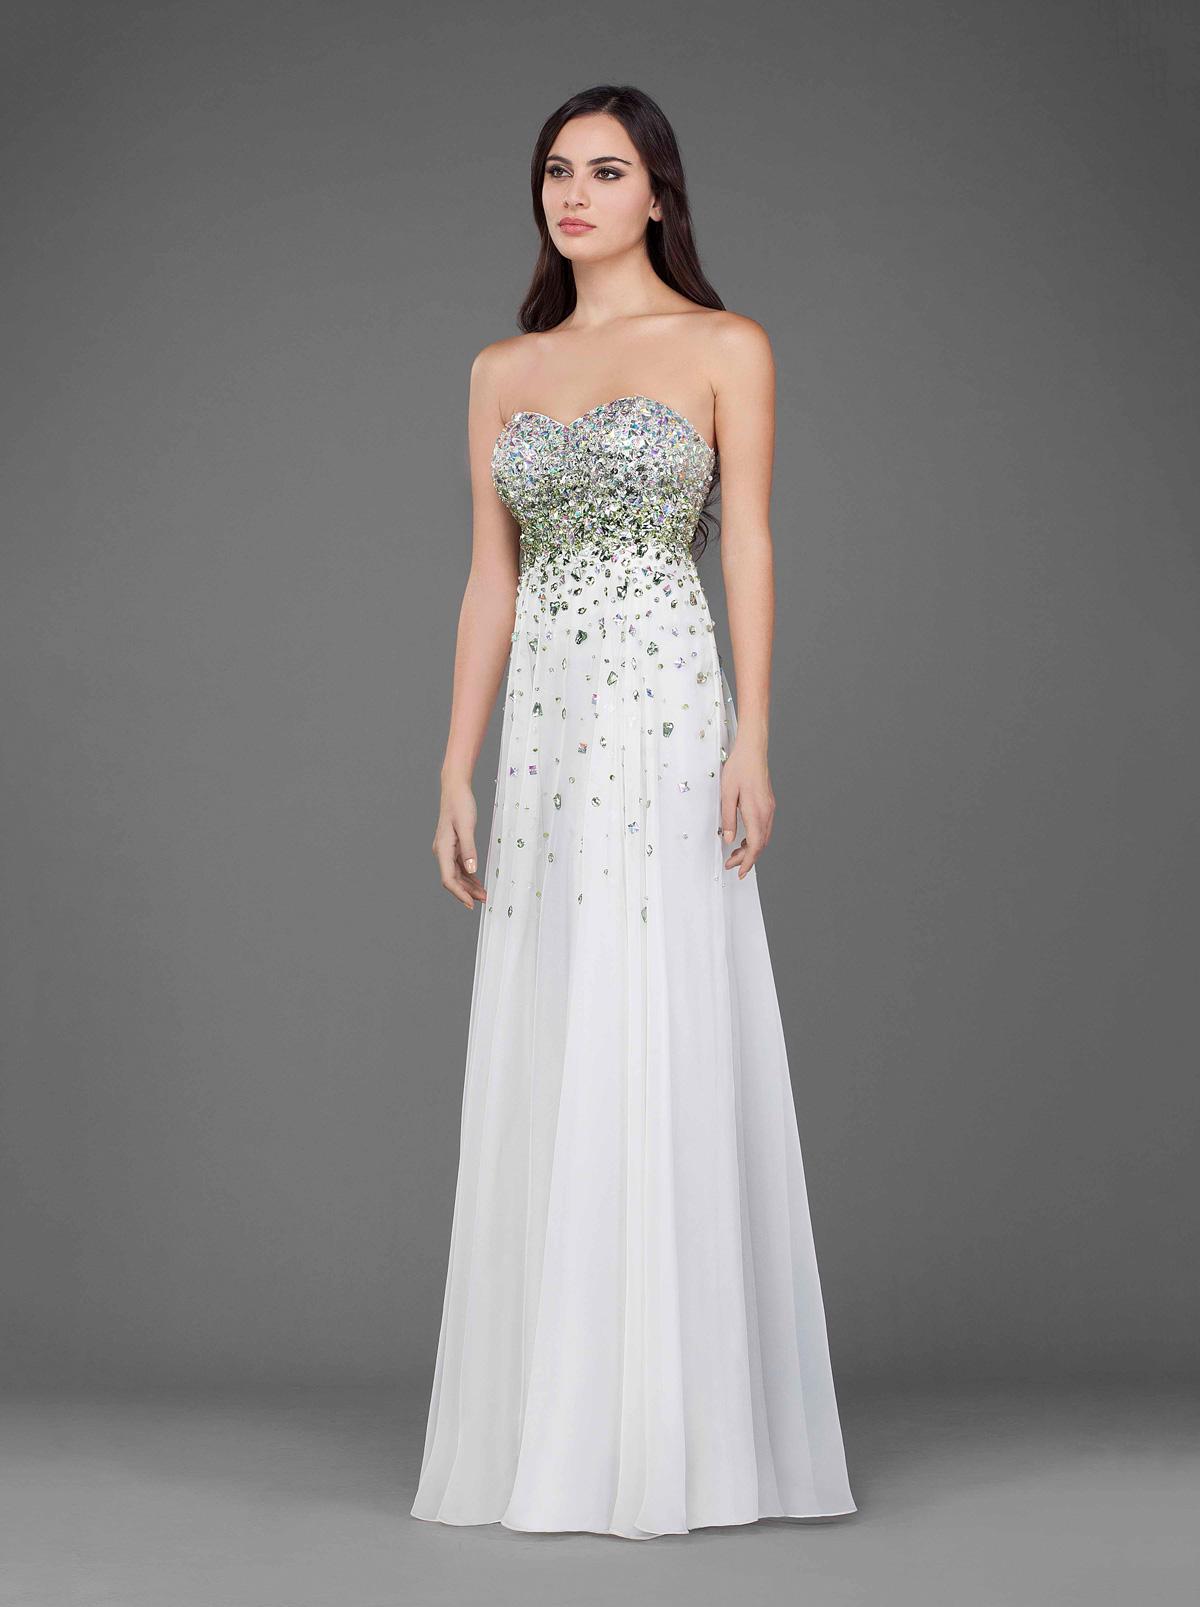 Белое платье расшитое бисером